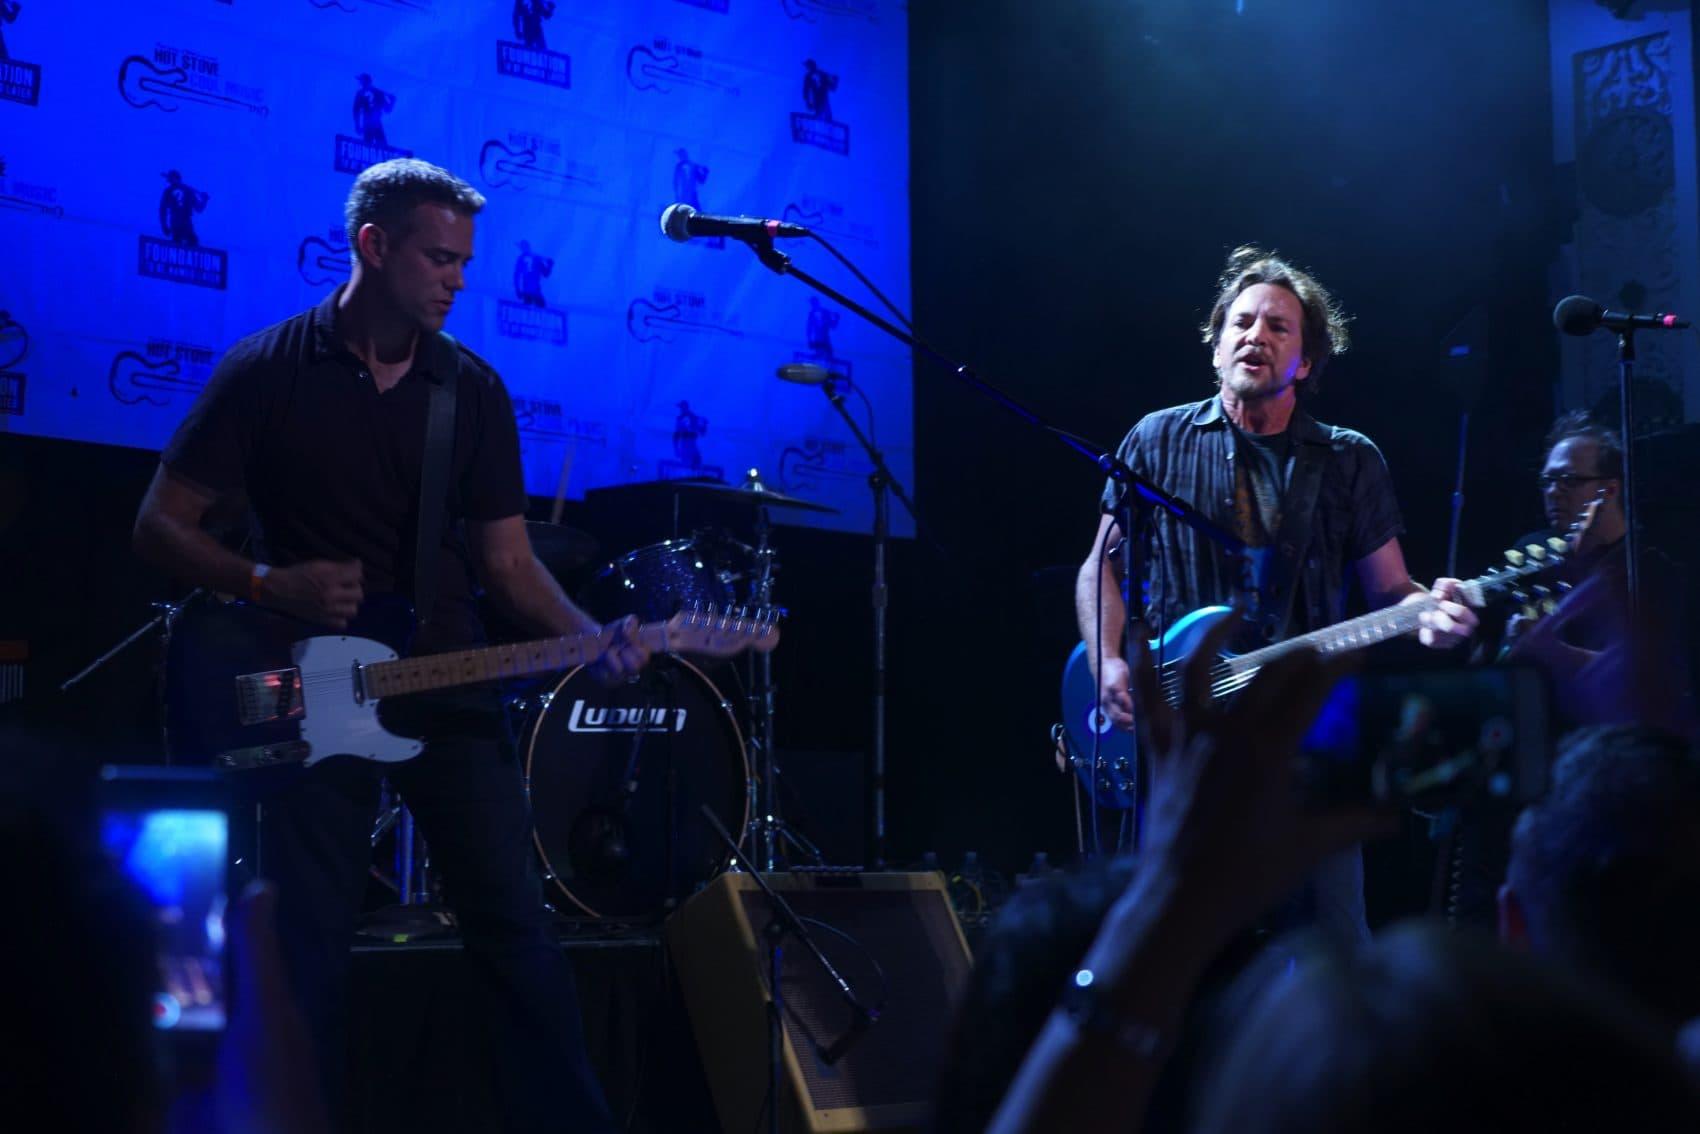 Eddie Vedder and Theo Epstein during HSCM Chicago in 2016. (Courtesy Steve Saleeba)